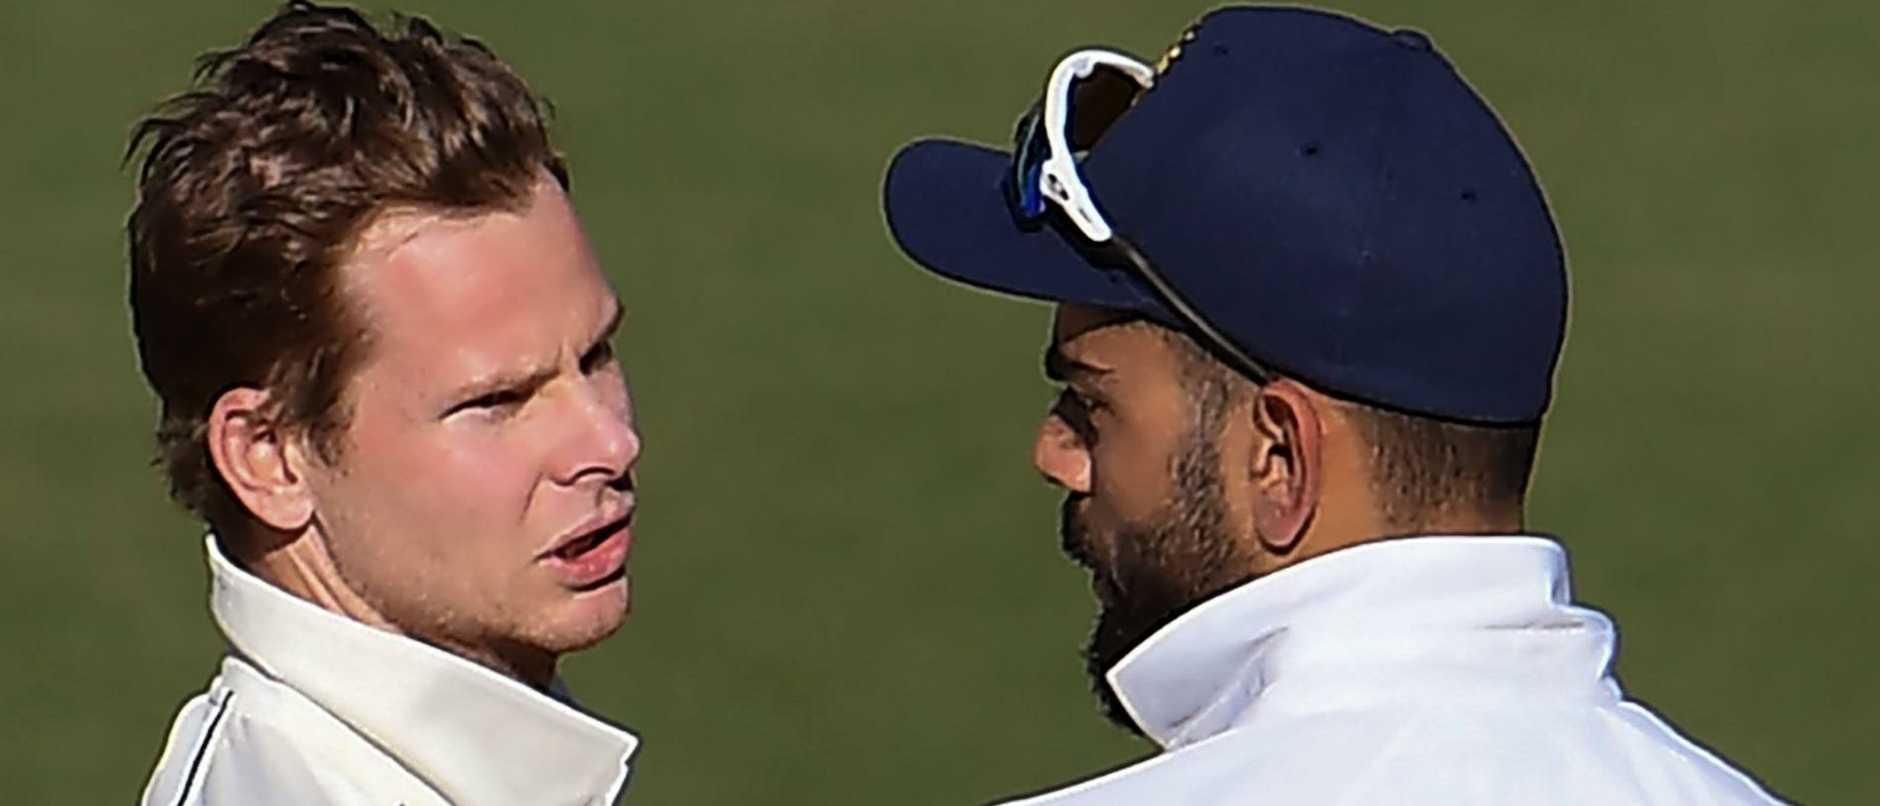 Indians slam cricket name changes as 'batsman' becomes 'batter'